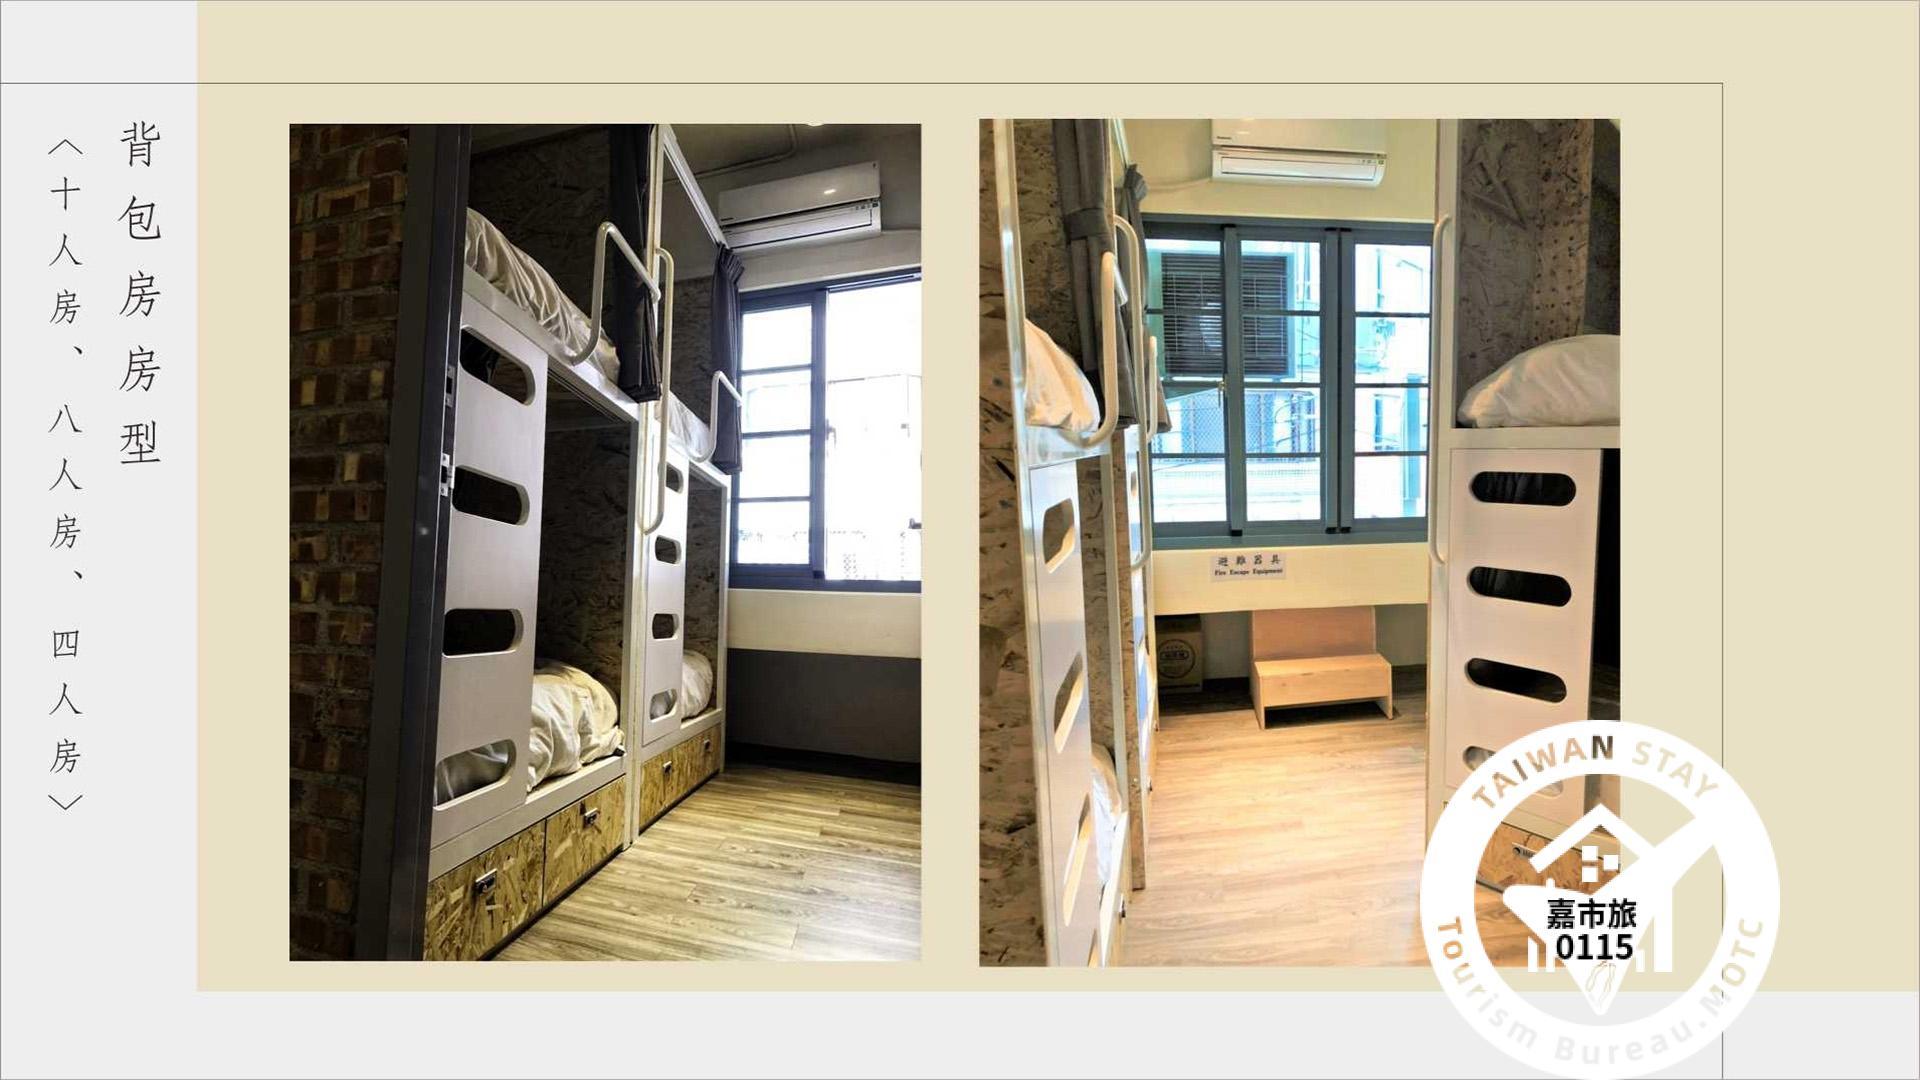 4床混和宿舍照片_1